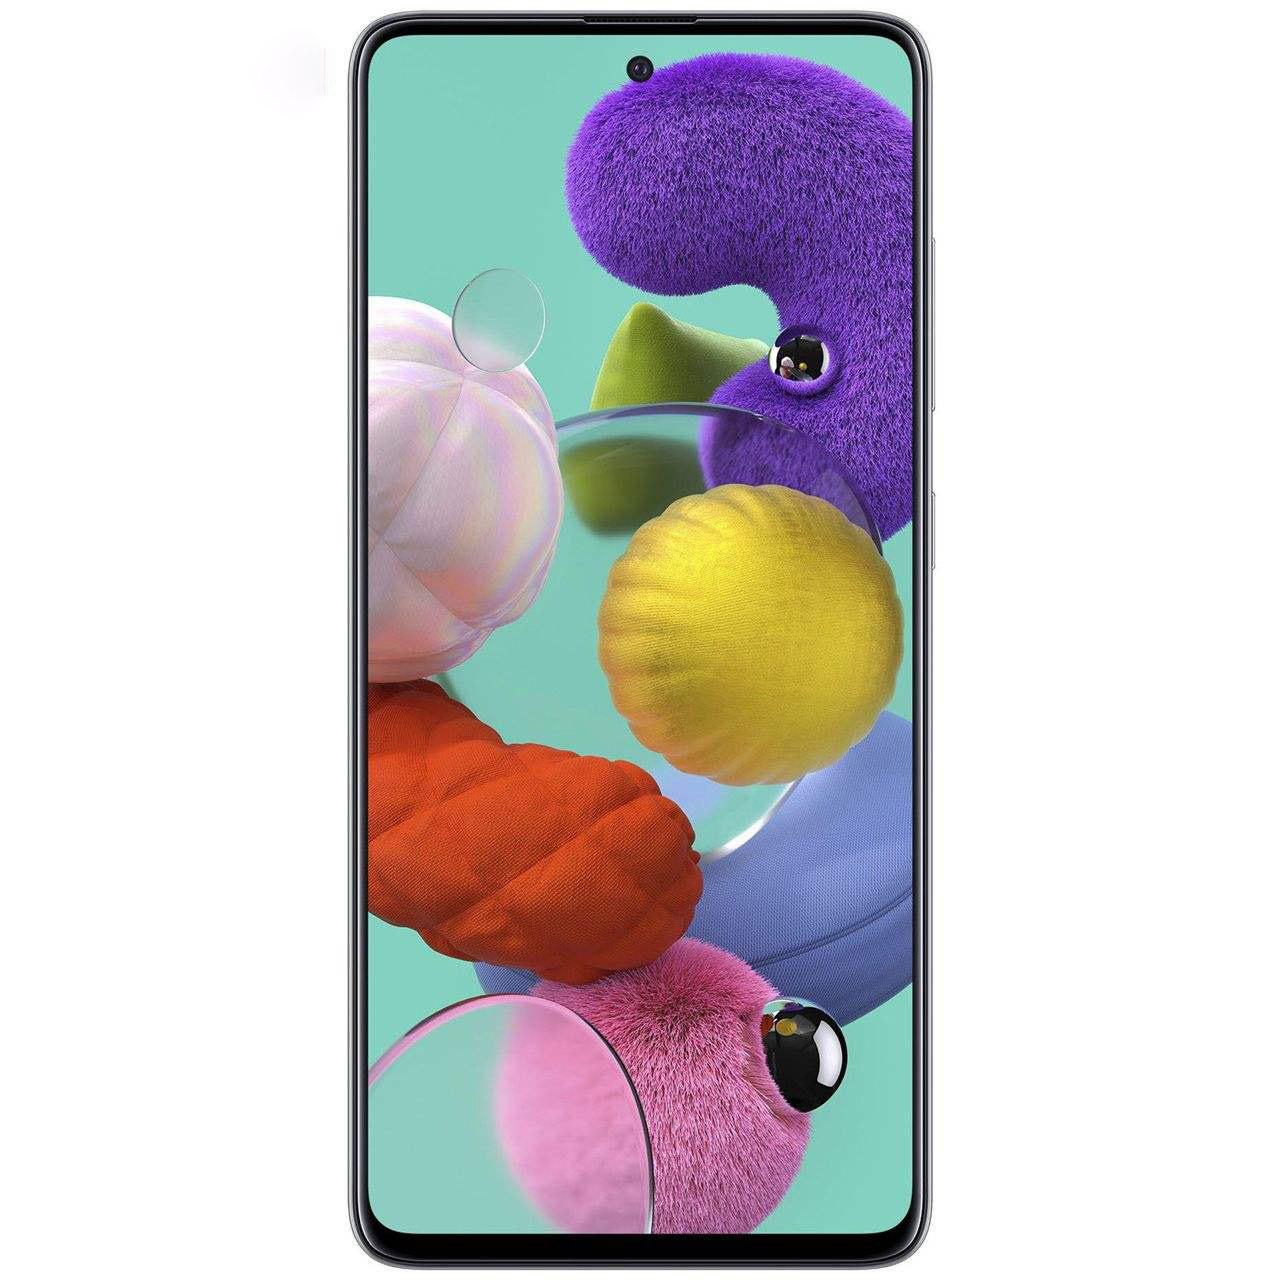 فروش اقساط گوشی موبایل سامسونگ مدل Galaxy A51 دو سیم کارت ظرفیت 128گیگابایت